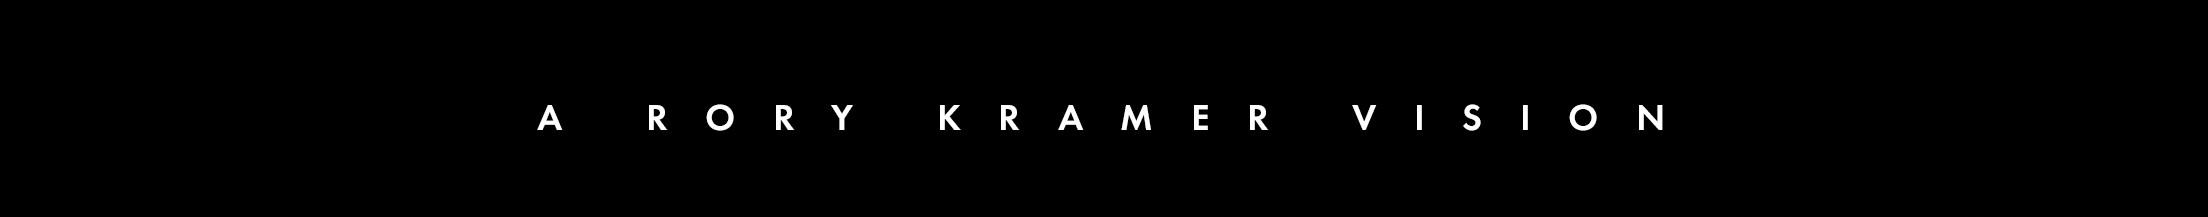 A Rory Kramer Vision